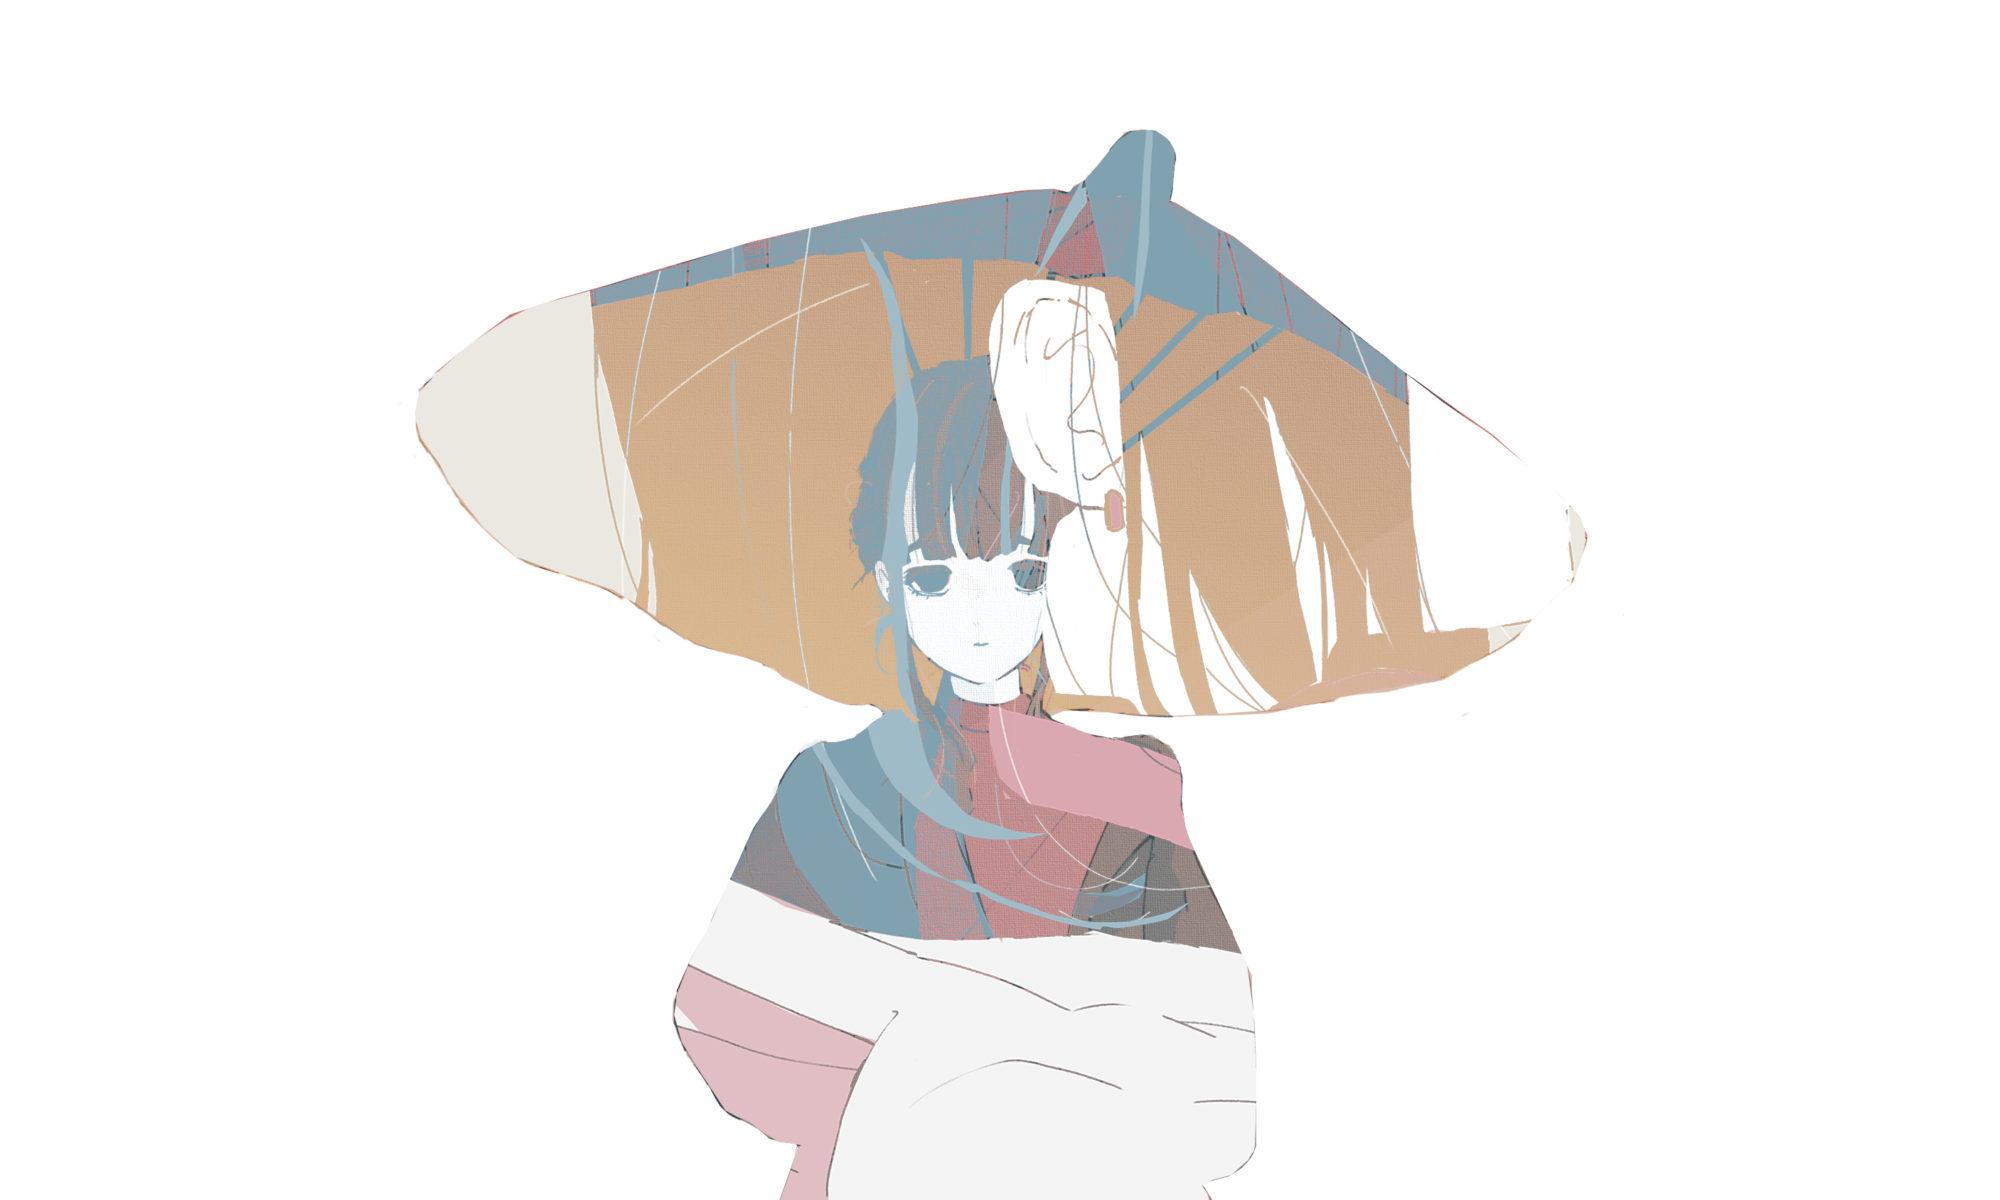 和傘を差す女の子のイラスト